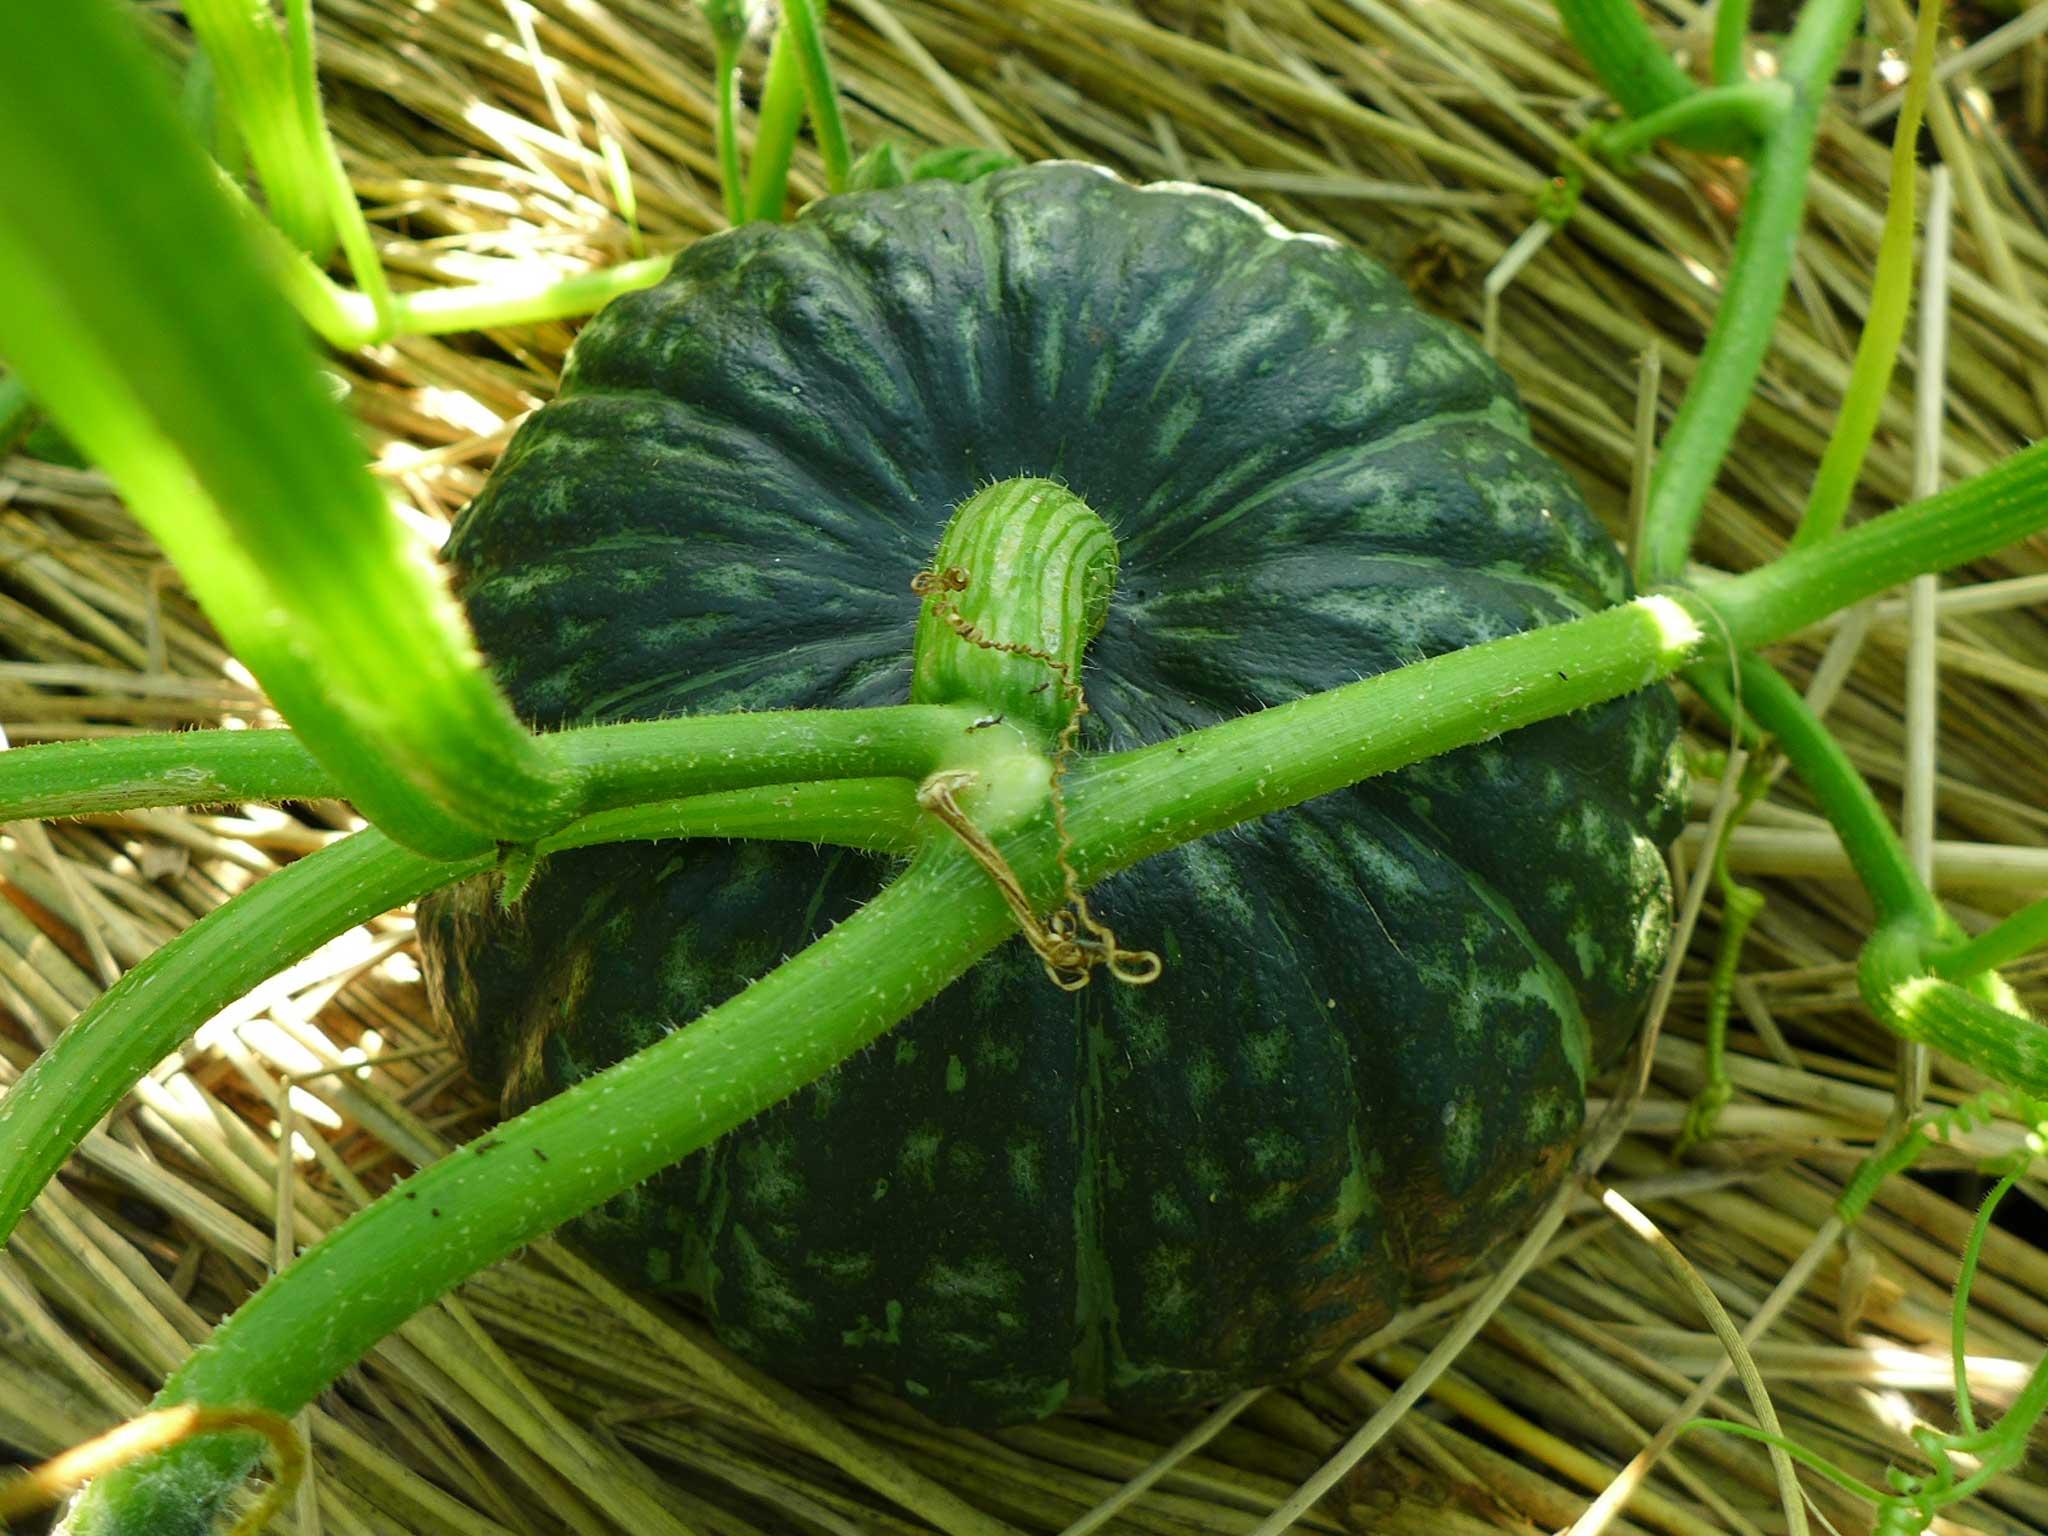 旬の野菜と収穫を待つ野菜がにぎやかな畑